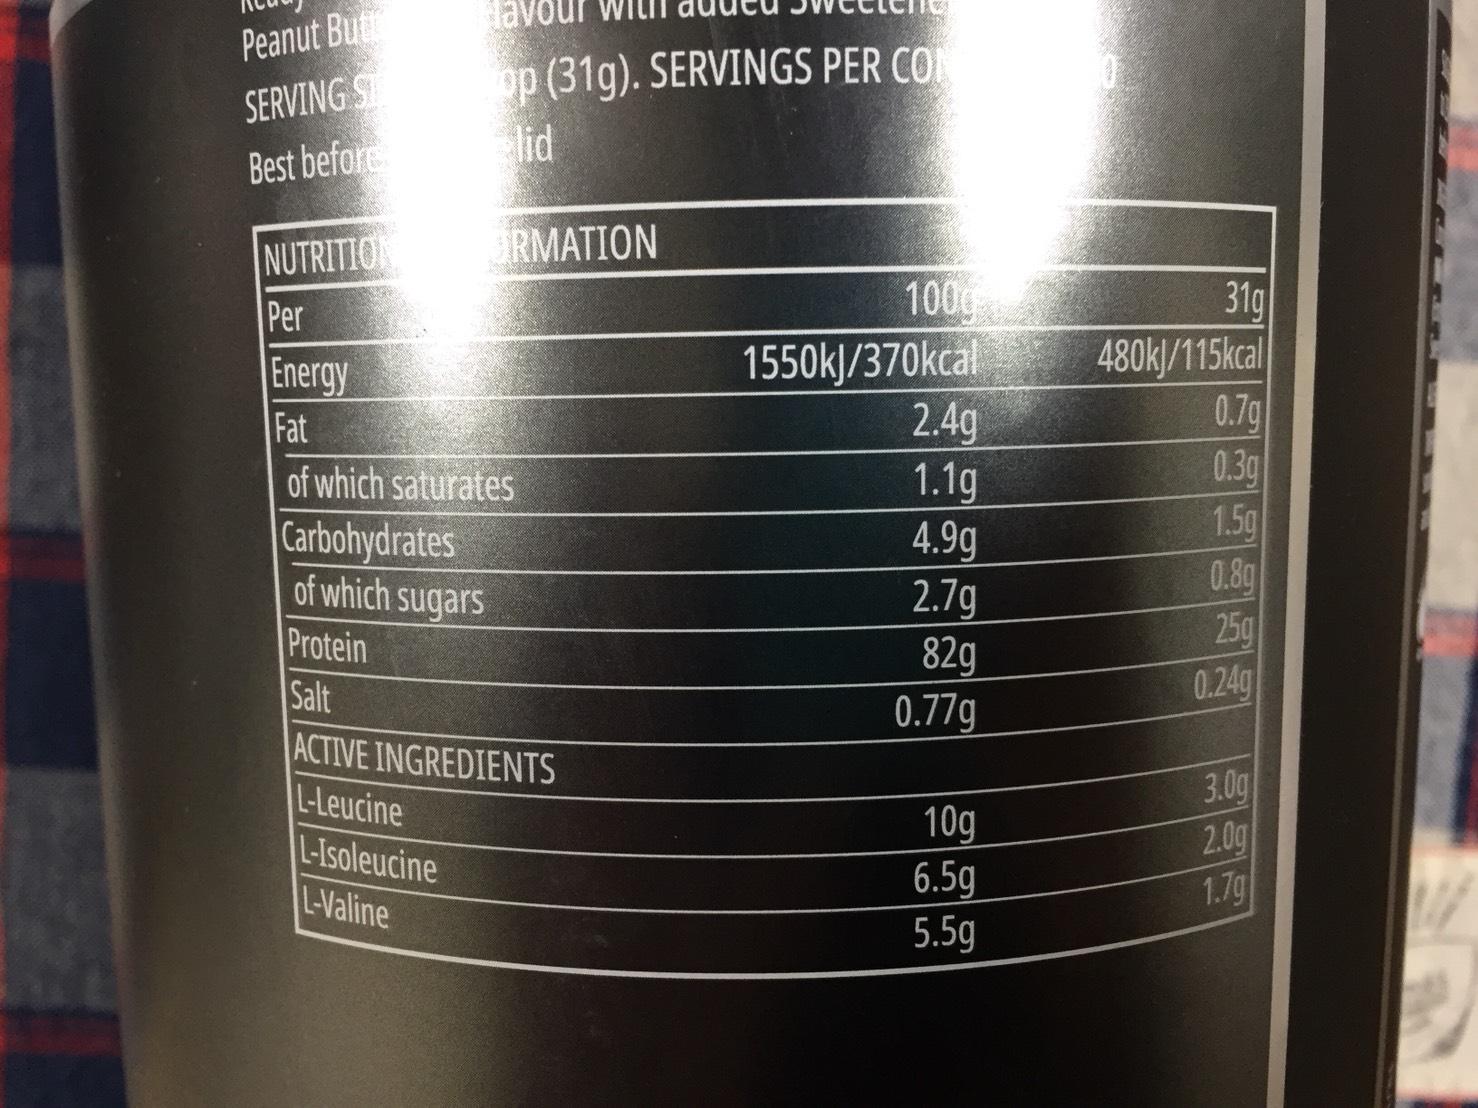 THE WHEY「ピーナッツバターカップ味」の成分表